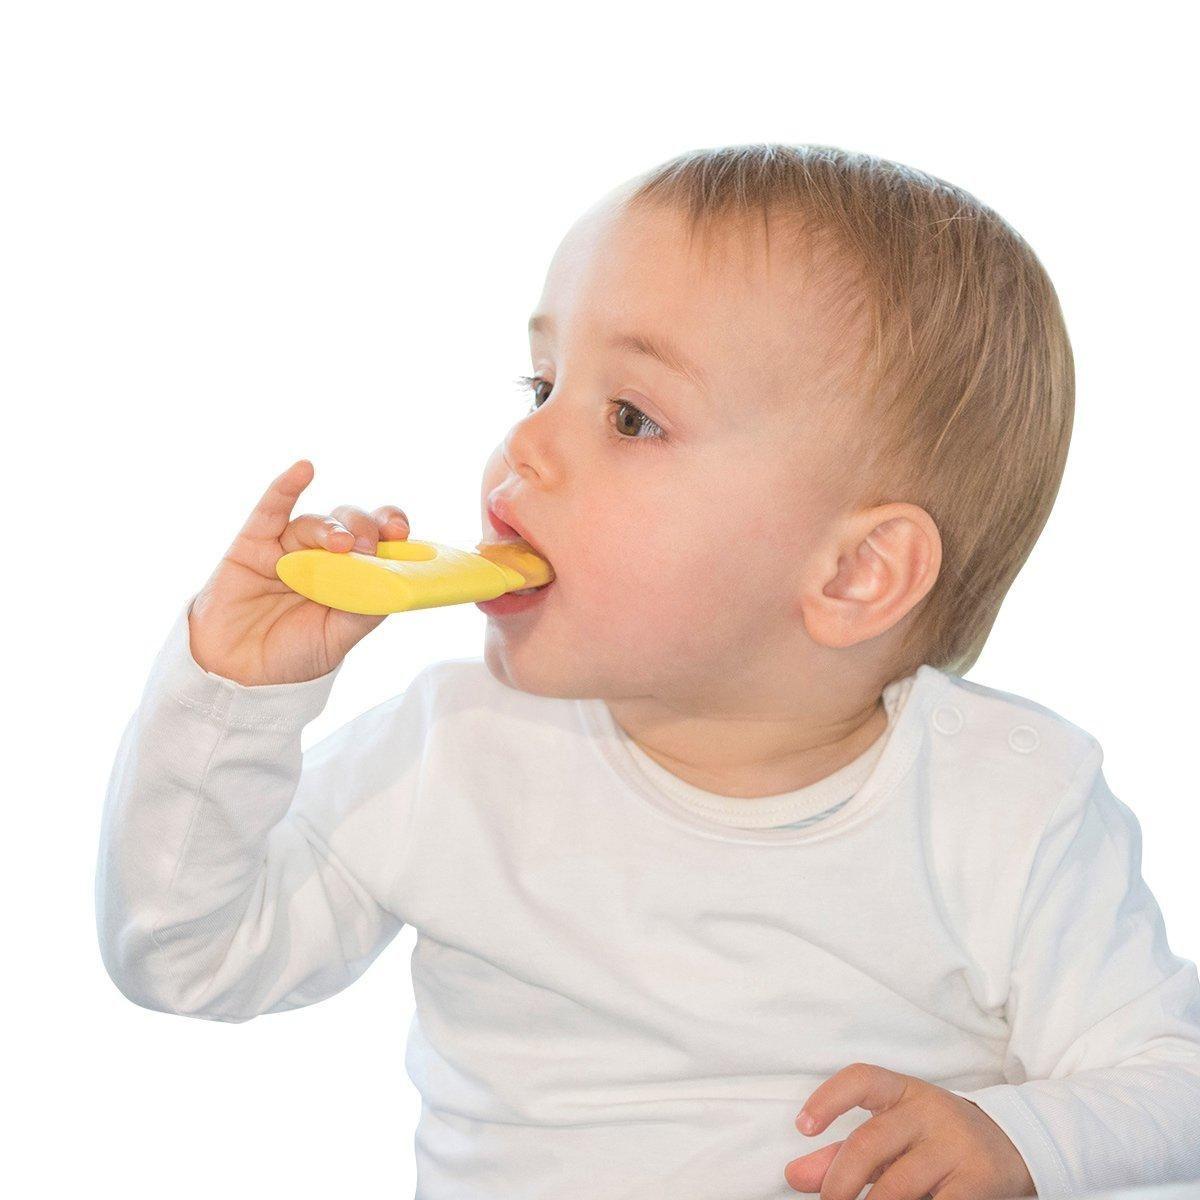 亲亲我 蘑菇指环牙胶 宝宝硅胶牙胶婴幼儿咬咬胶果蔬乐磨牙棒